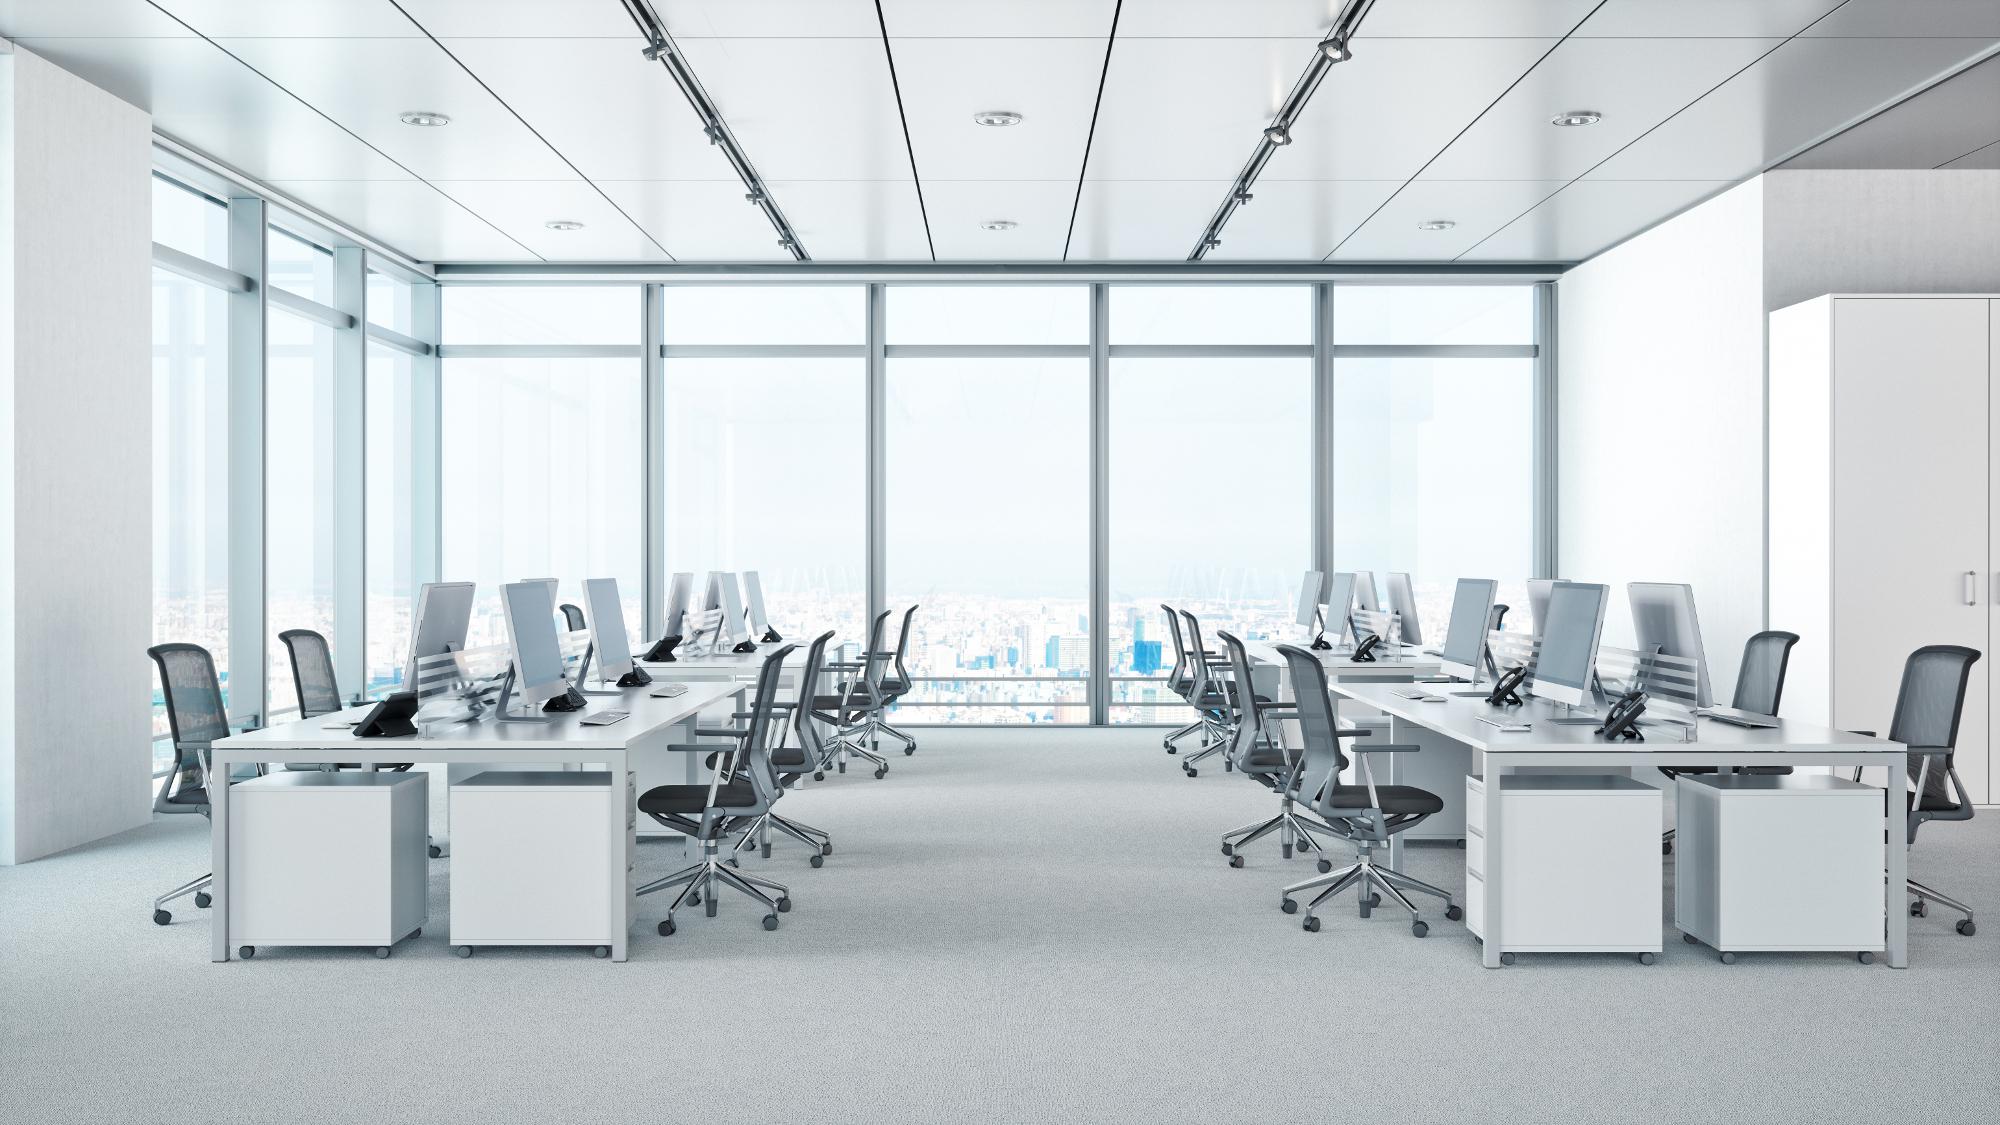 Effiziente Raumgestaltung für Firmen und Büros